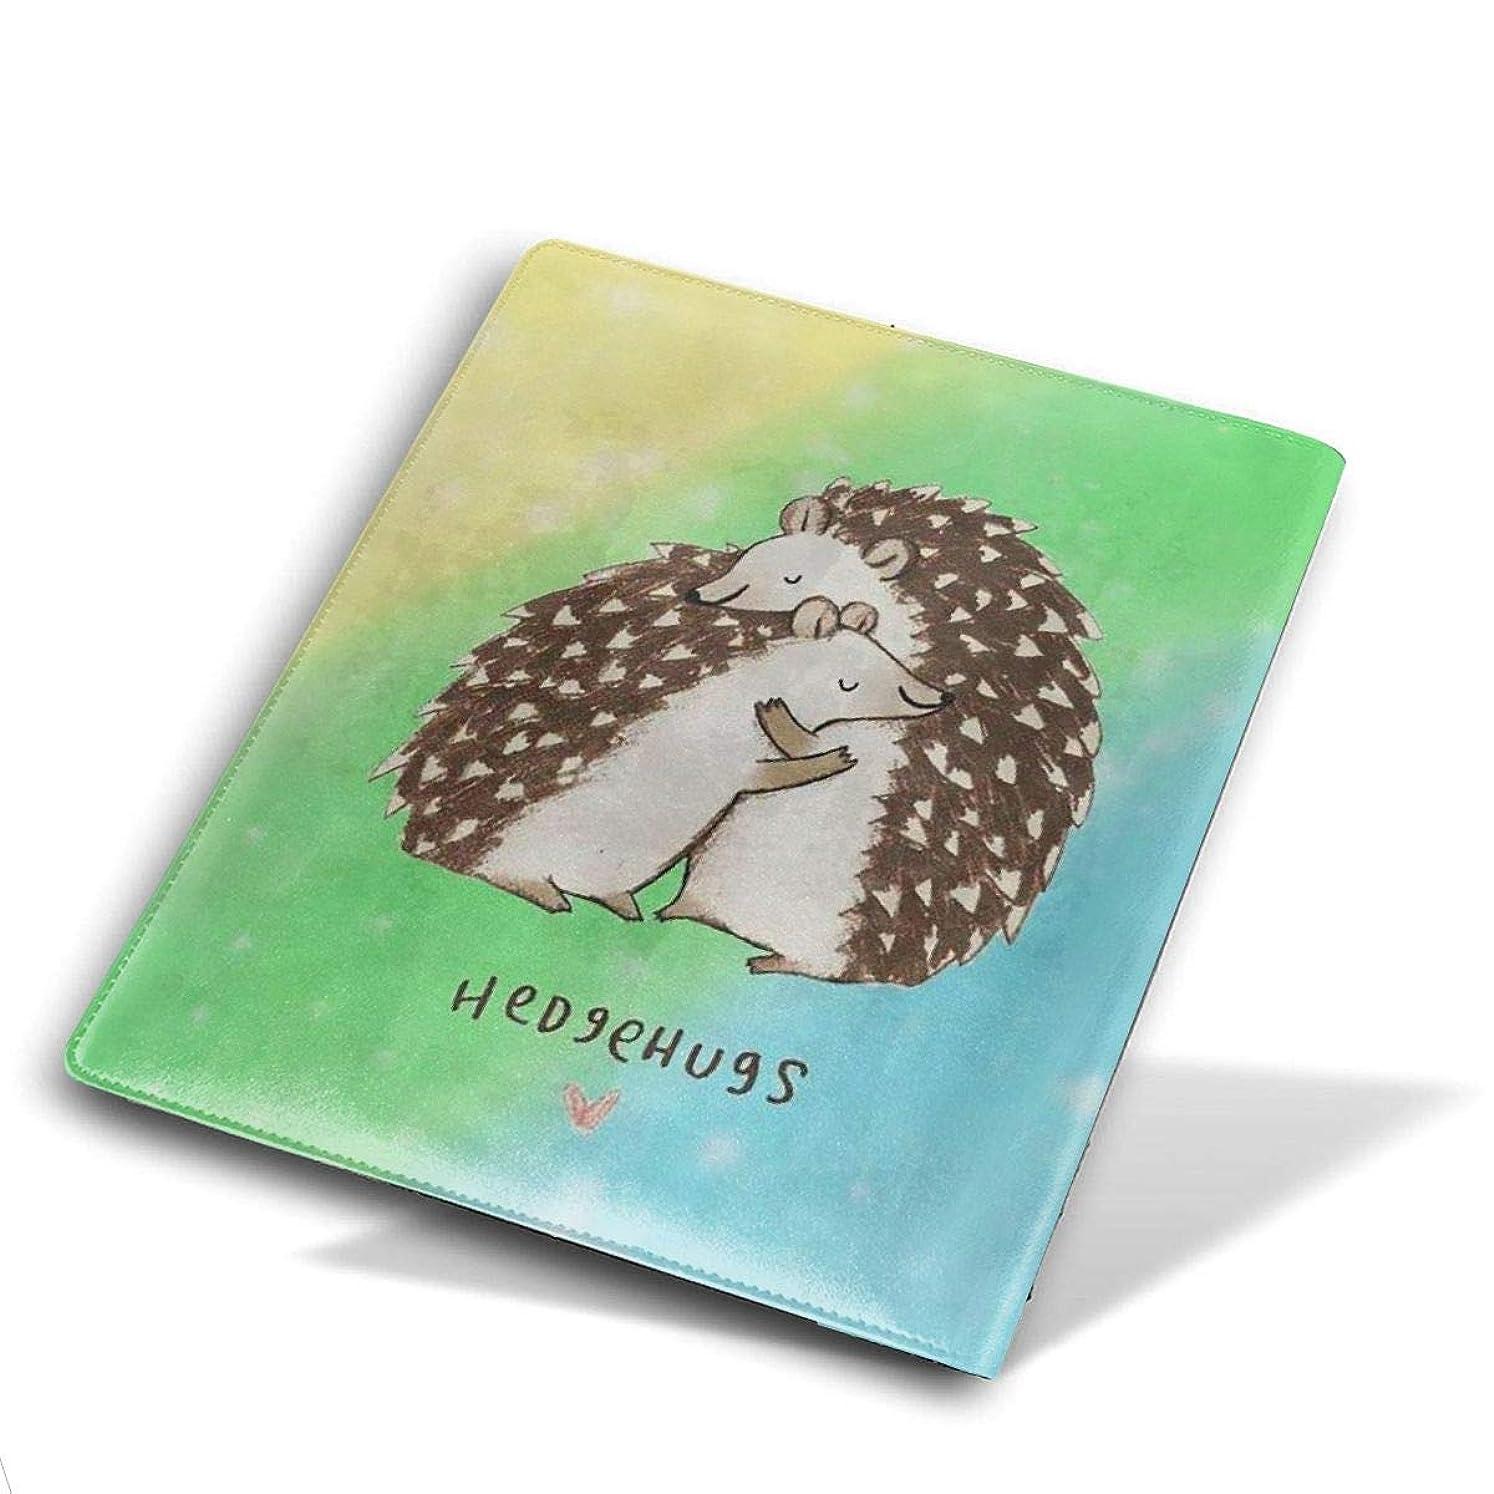 潜む上記の頭と肩植生ユニセックス ブックカバー 文庫カバー かわいい漫画のプリント 教科書 学校用 Size 28*51 Cm Rainbow Background Hedgehugs ハリネズミ